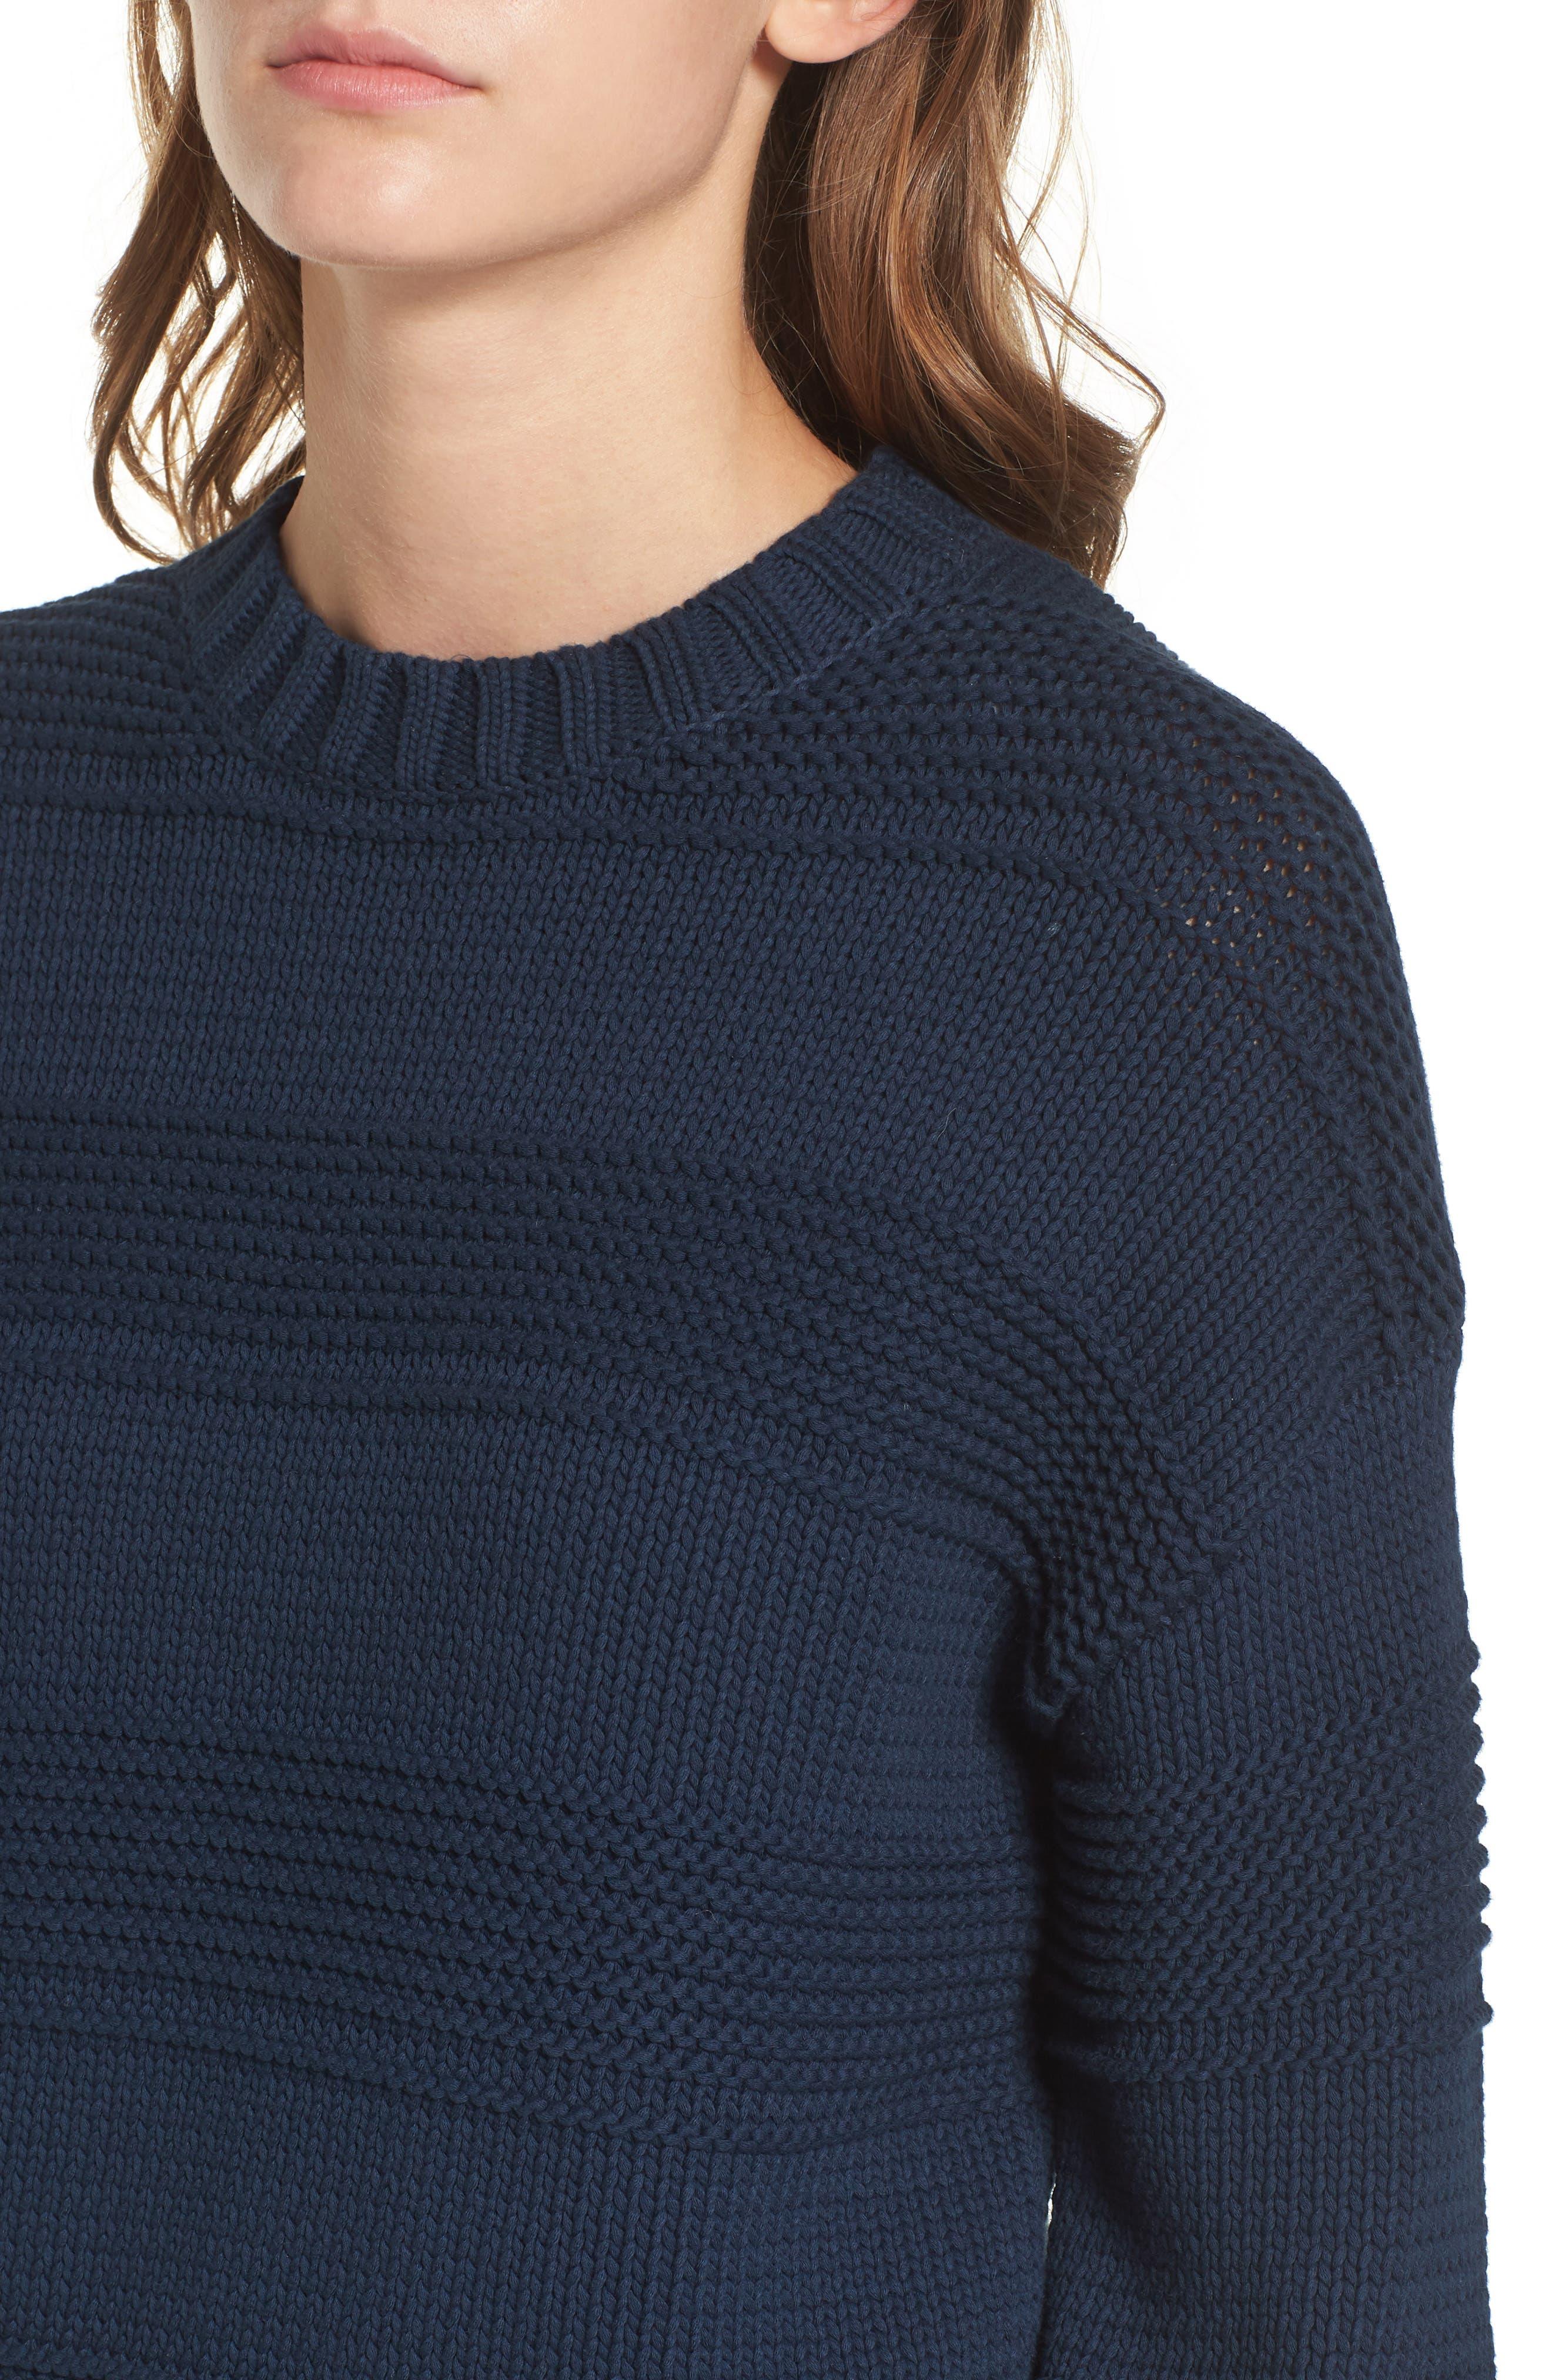 Sabrina Crewneck Sweater,                             Alternate thumbnail 4, color,                             417